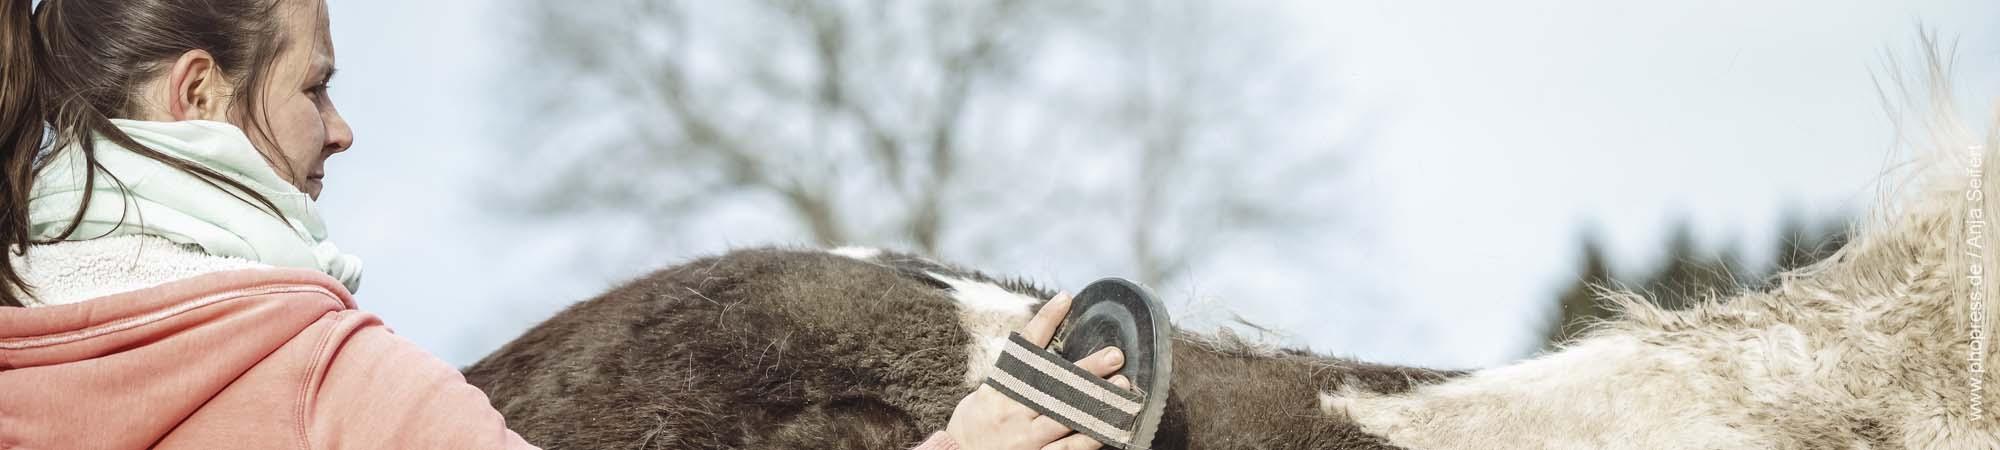 Fellwechsel-im-Fruehjahr-beim-Pferd